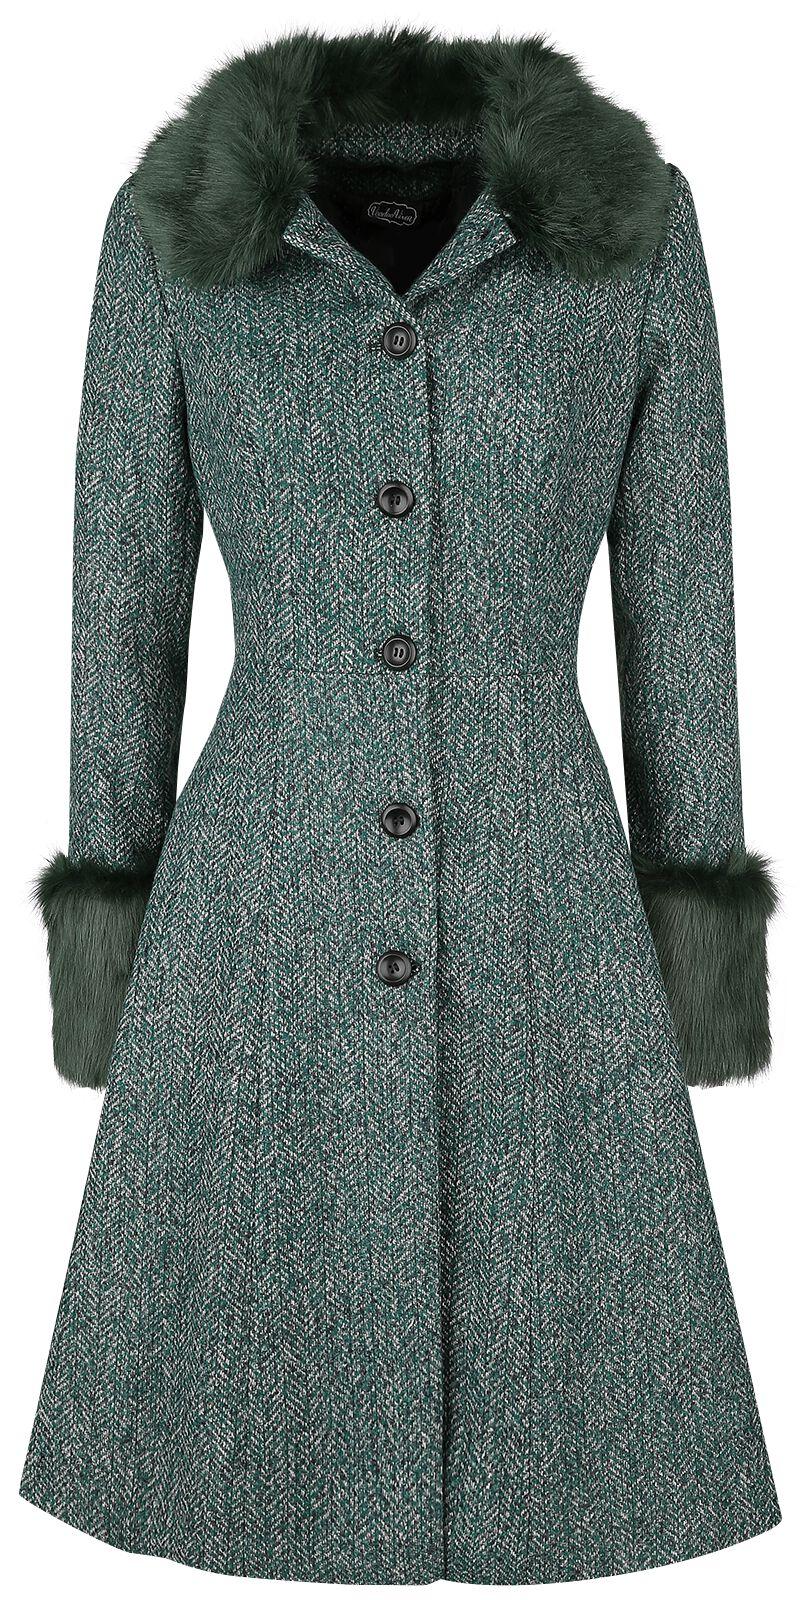 Jacken für Frauen - Voodoo Vixen Erin Herringbone Coat Mantel dunkelgrün  - Onlineshop EMP